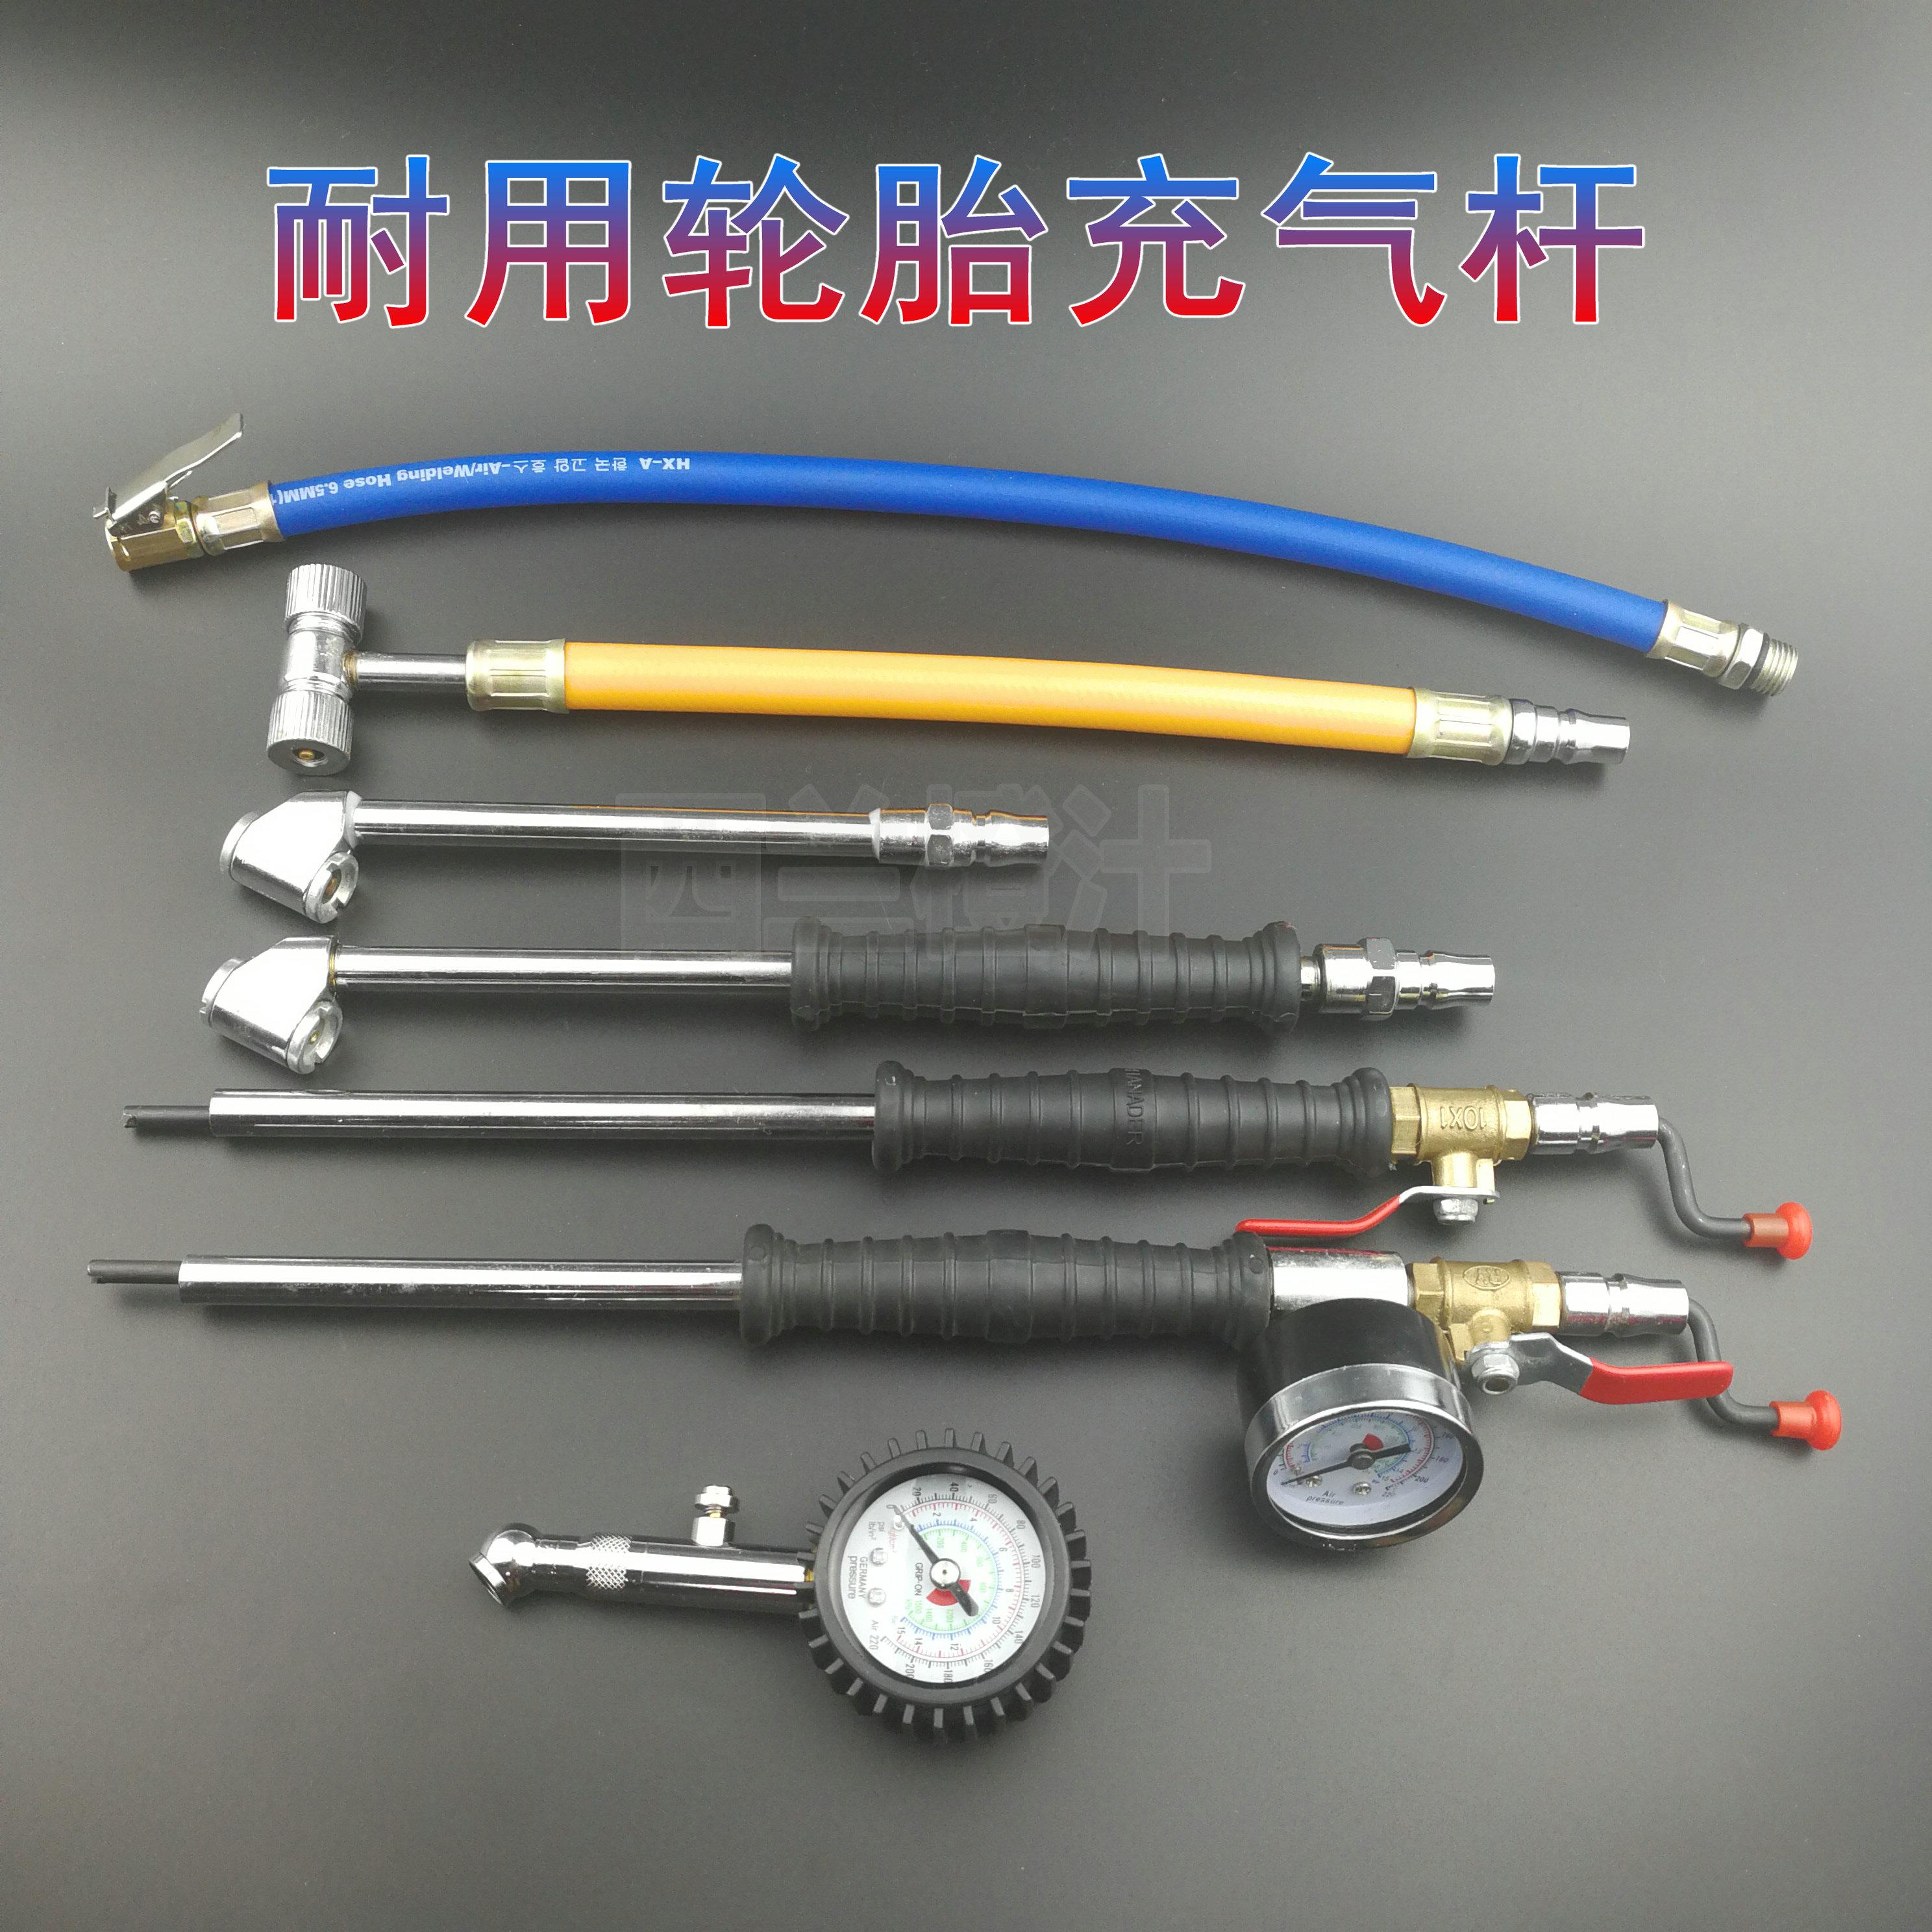 [汽车轮] шина [充气杆 充气管打气嘴接头充气嘴加气咀打气咀 轮] шина шина [表]